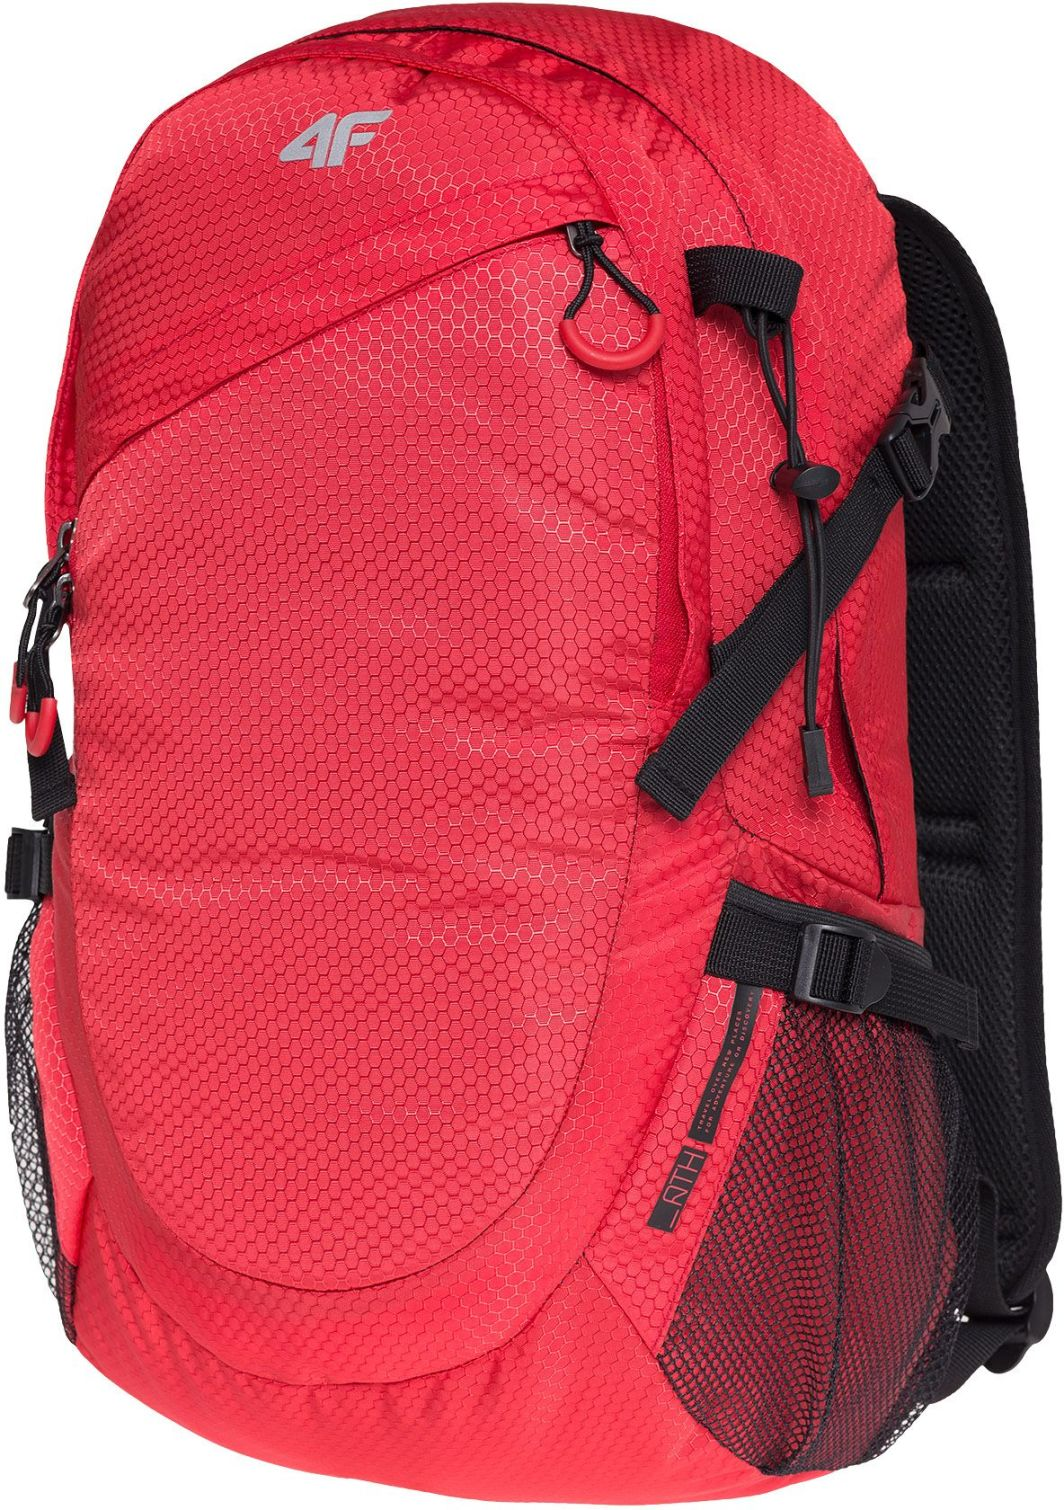 ca8da78fb87c2 4f Plecak sportowy H4L18-PCU017 20L czerwony w Sklep-presto.pl